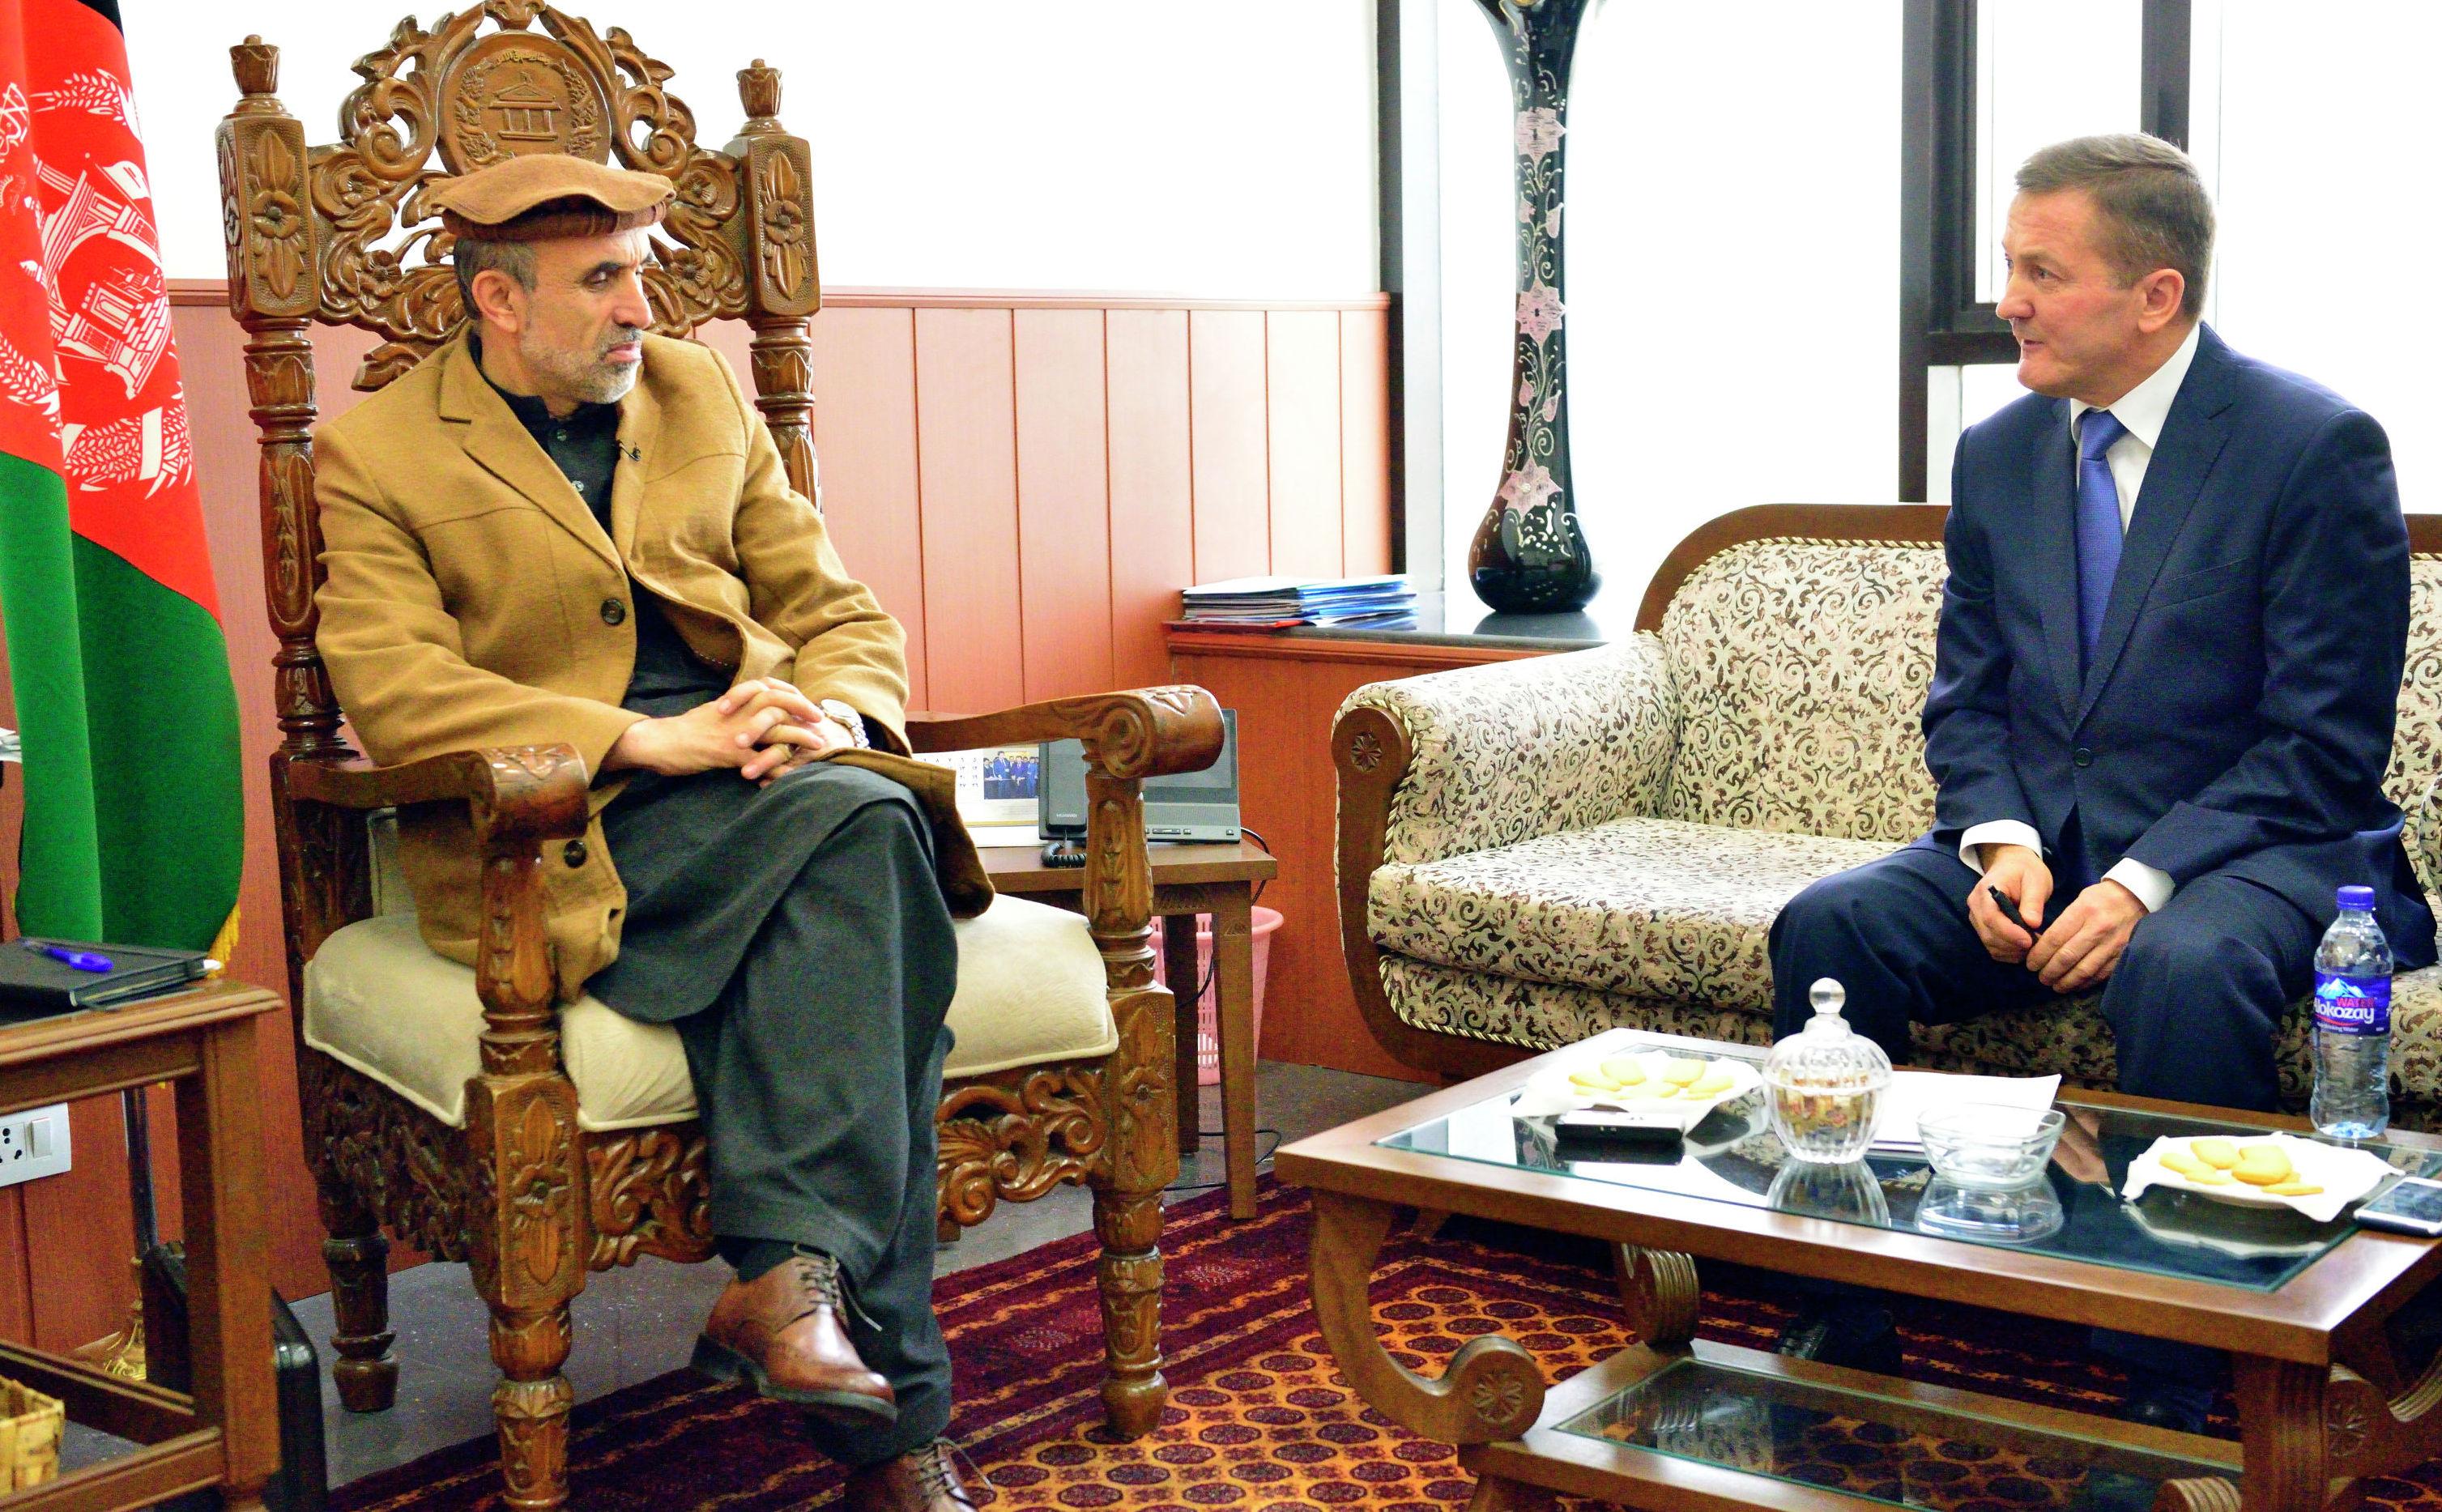 Первый заместитель председателя Мешрано Джирги (верхней палаты афганского парламента) Мохаммад Изидьяр (слева)